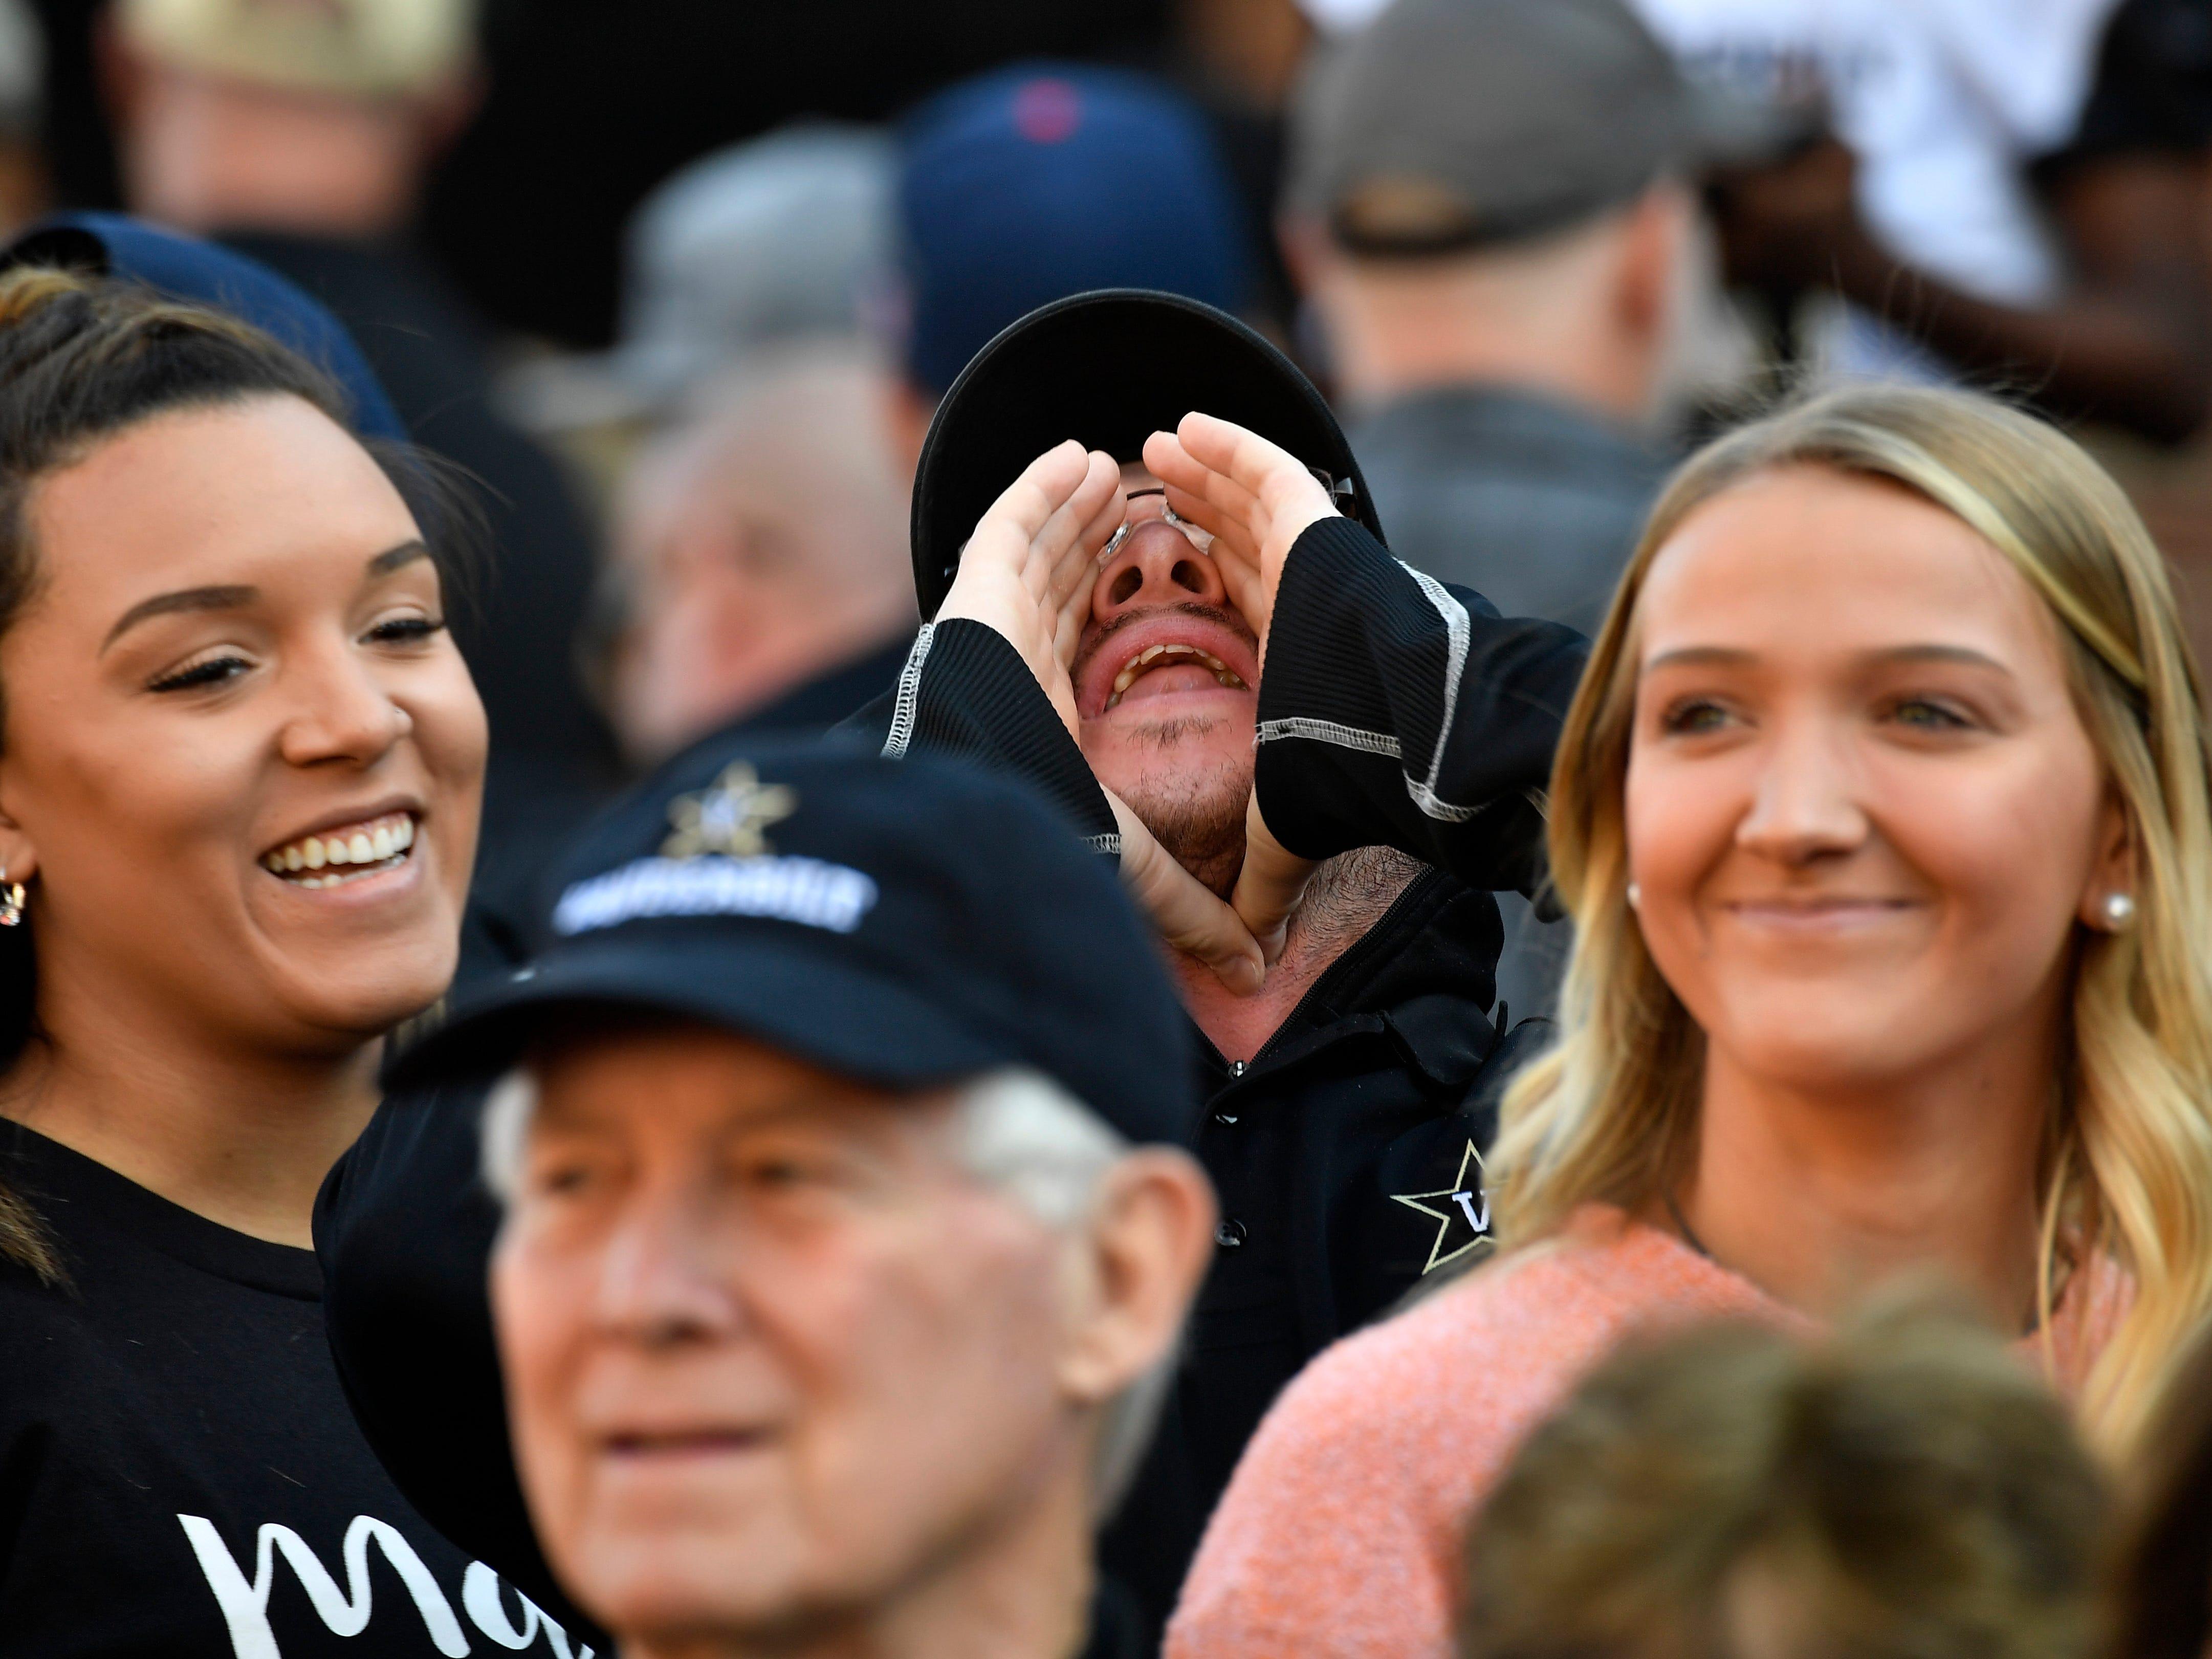 A Vanderbilt fan yells before the game at Vanderbilt Stadium Saturday, Nov. 24, 2018, in Nashville, Tenn.